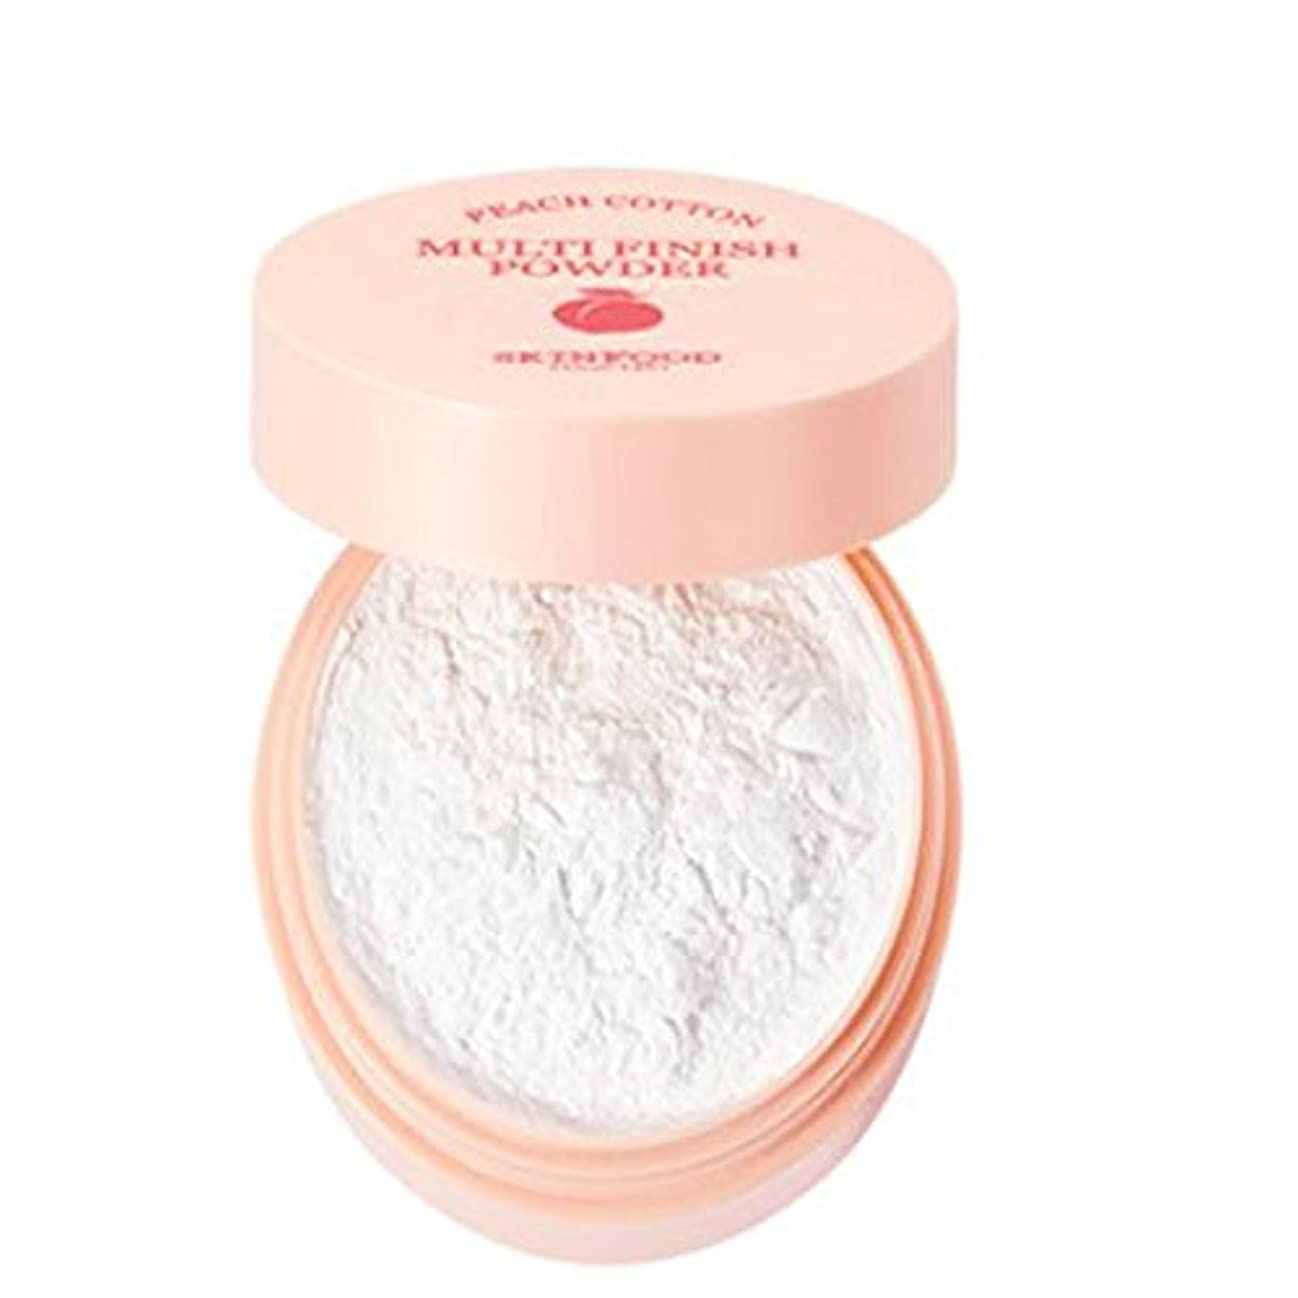 宴会利得脅かす[SKINFOOD] Peach Cotton Multi Finish Powder ピッチサラッとマルチフィニッシュパウダー - 5g